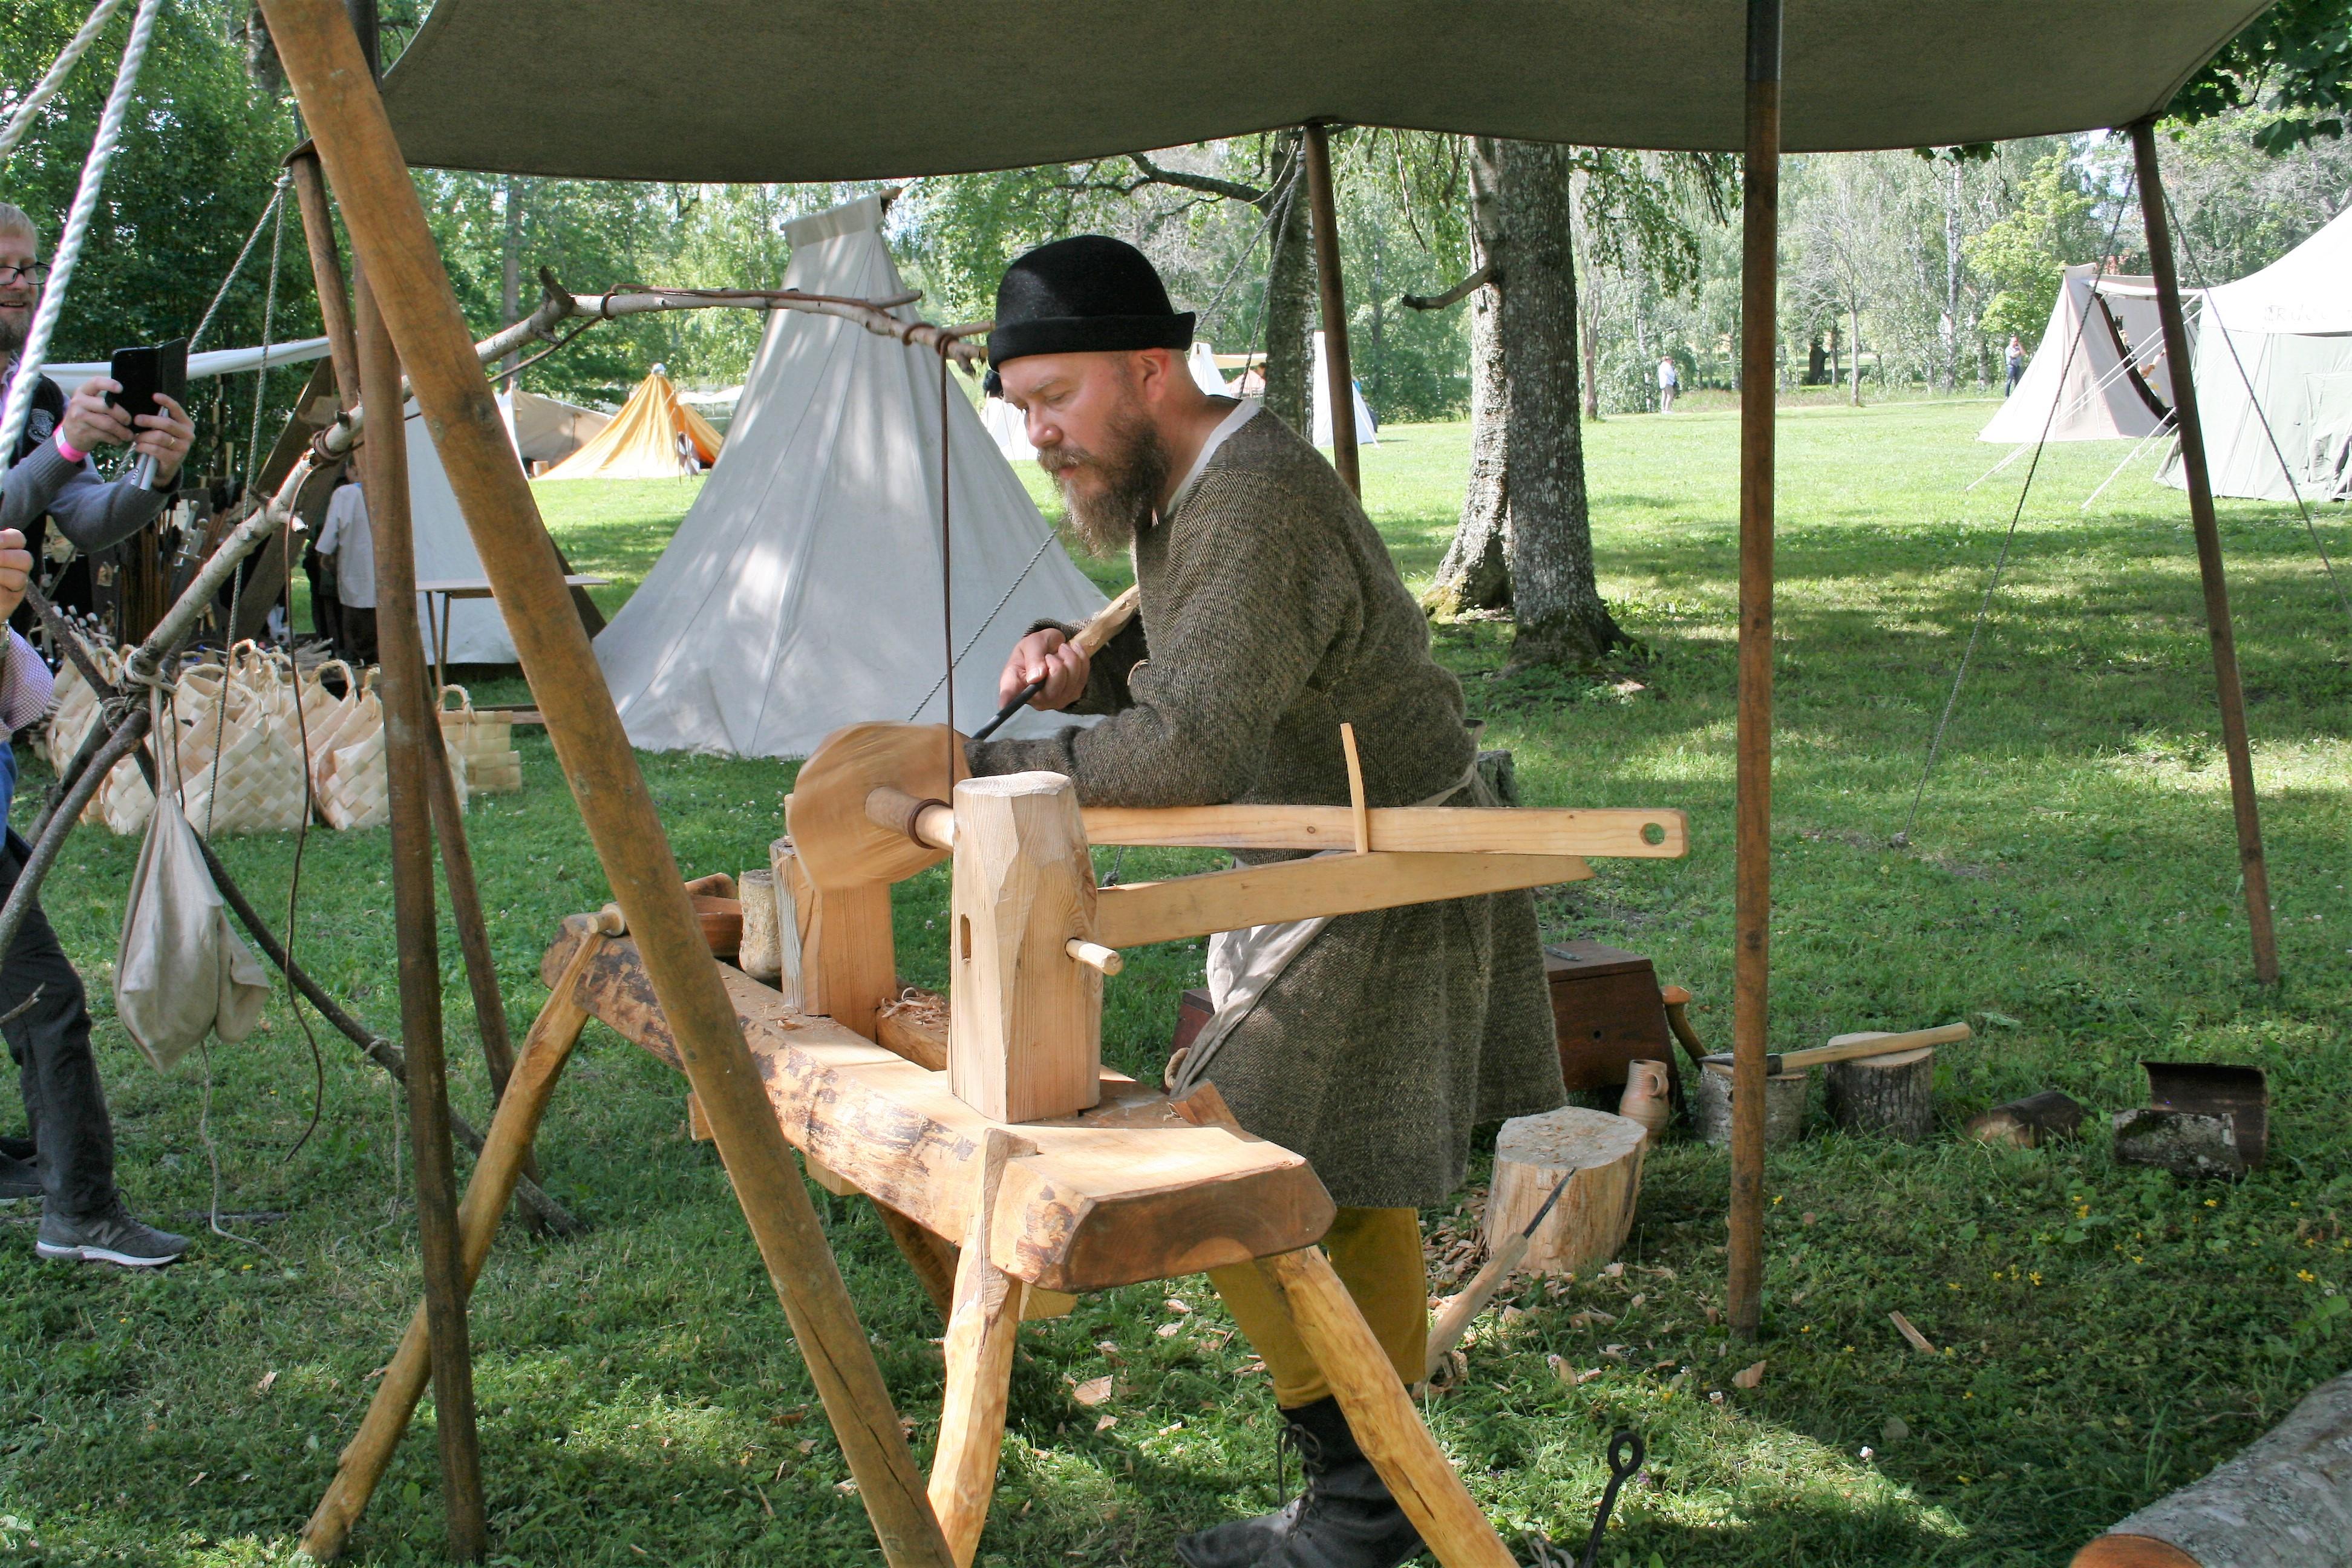 Vanhanaikaista puusorvausta. Kuva: Antti Raunio